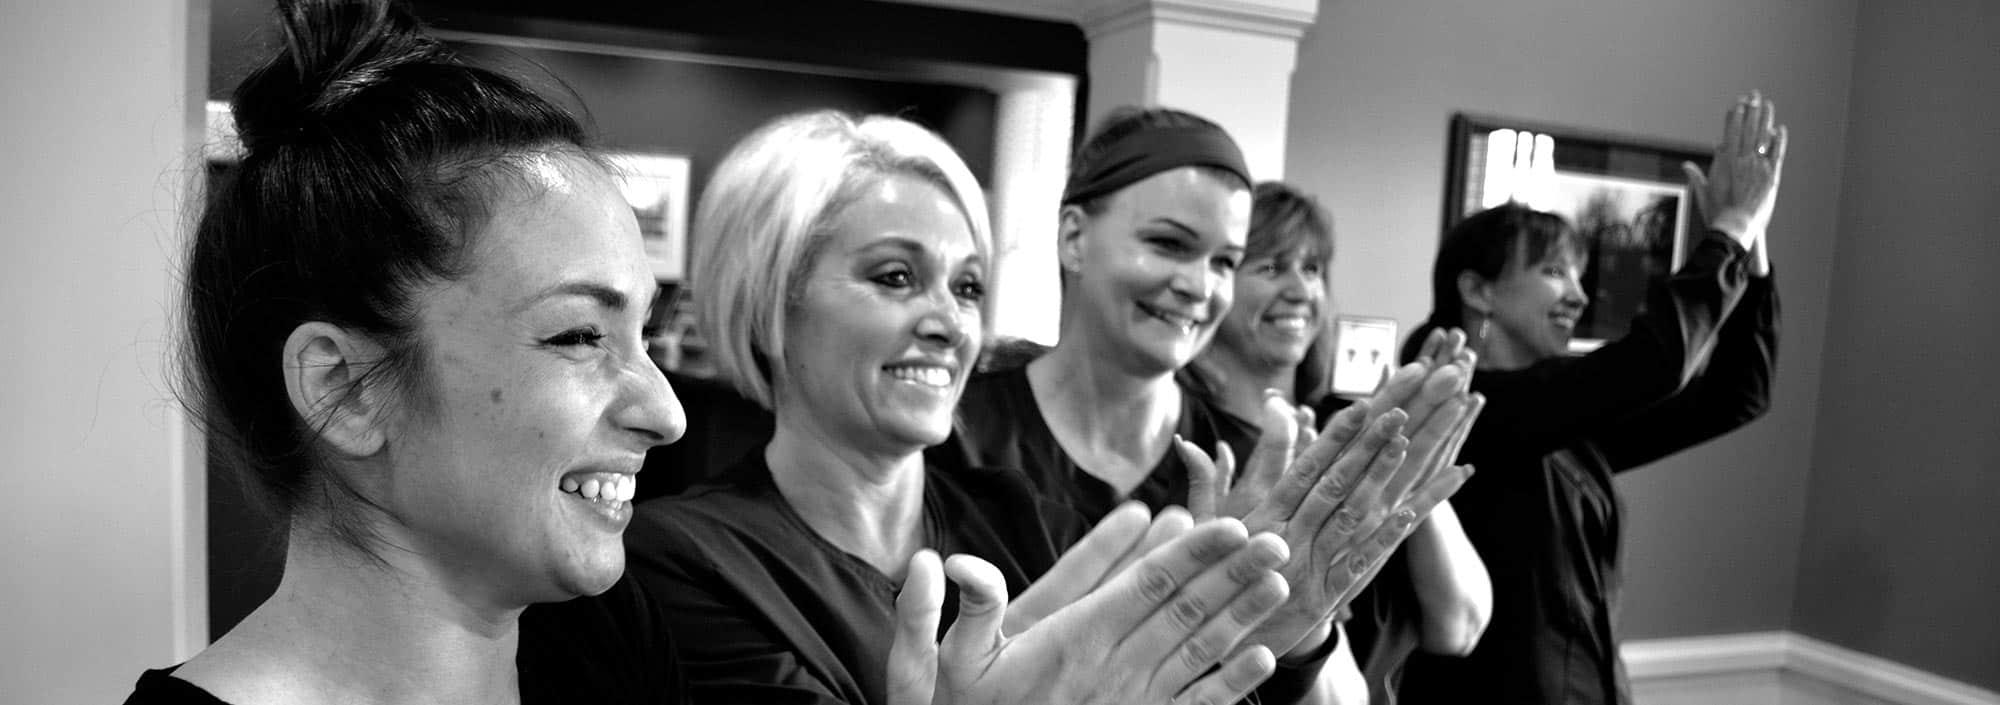 cheering dental team